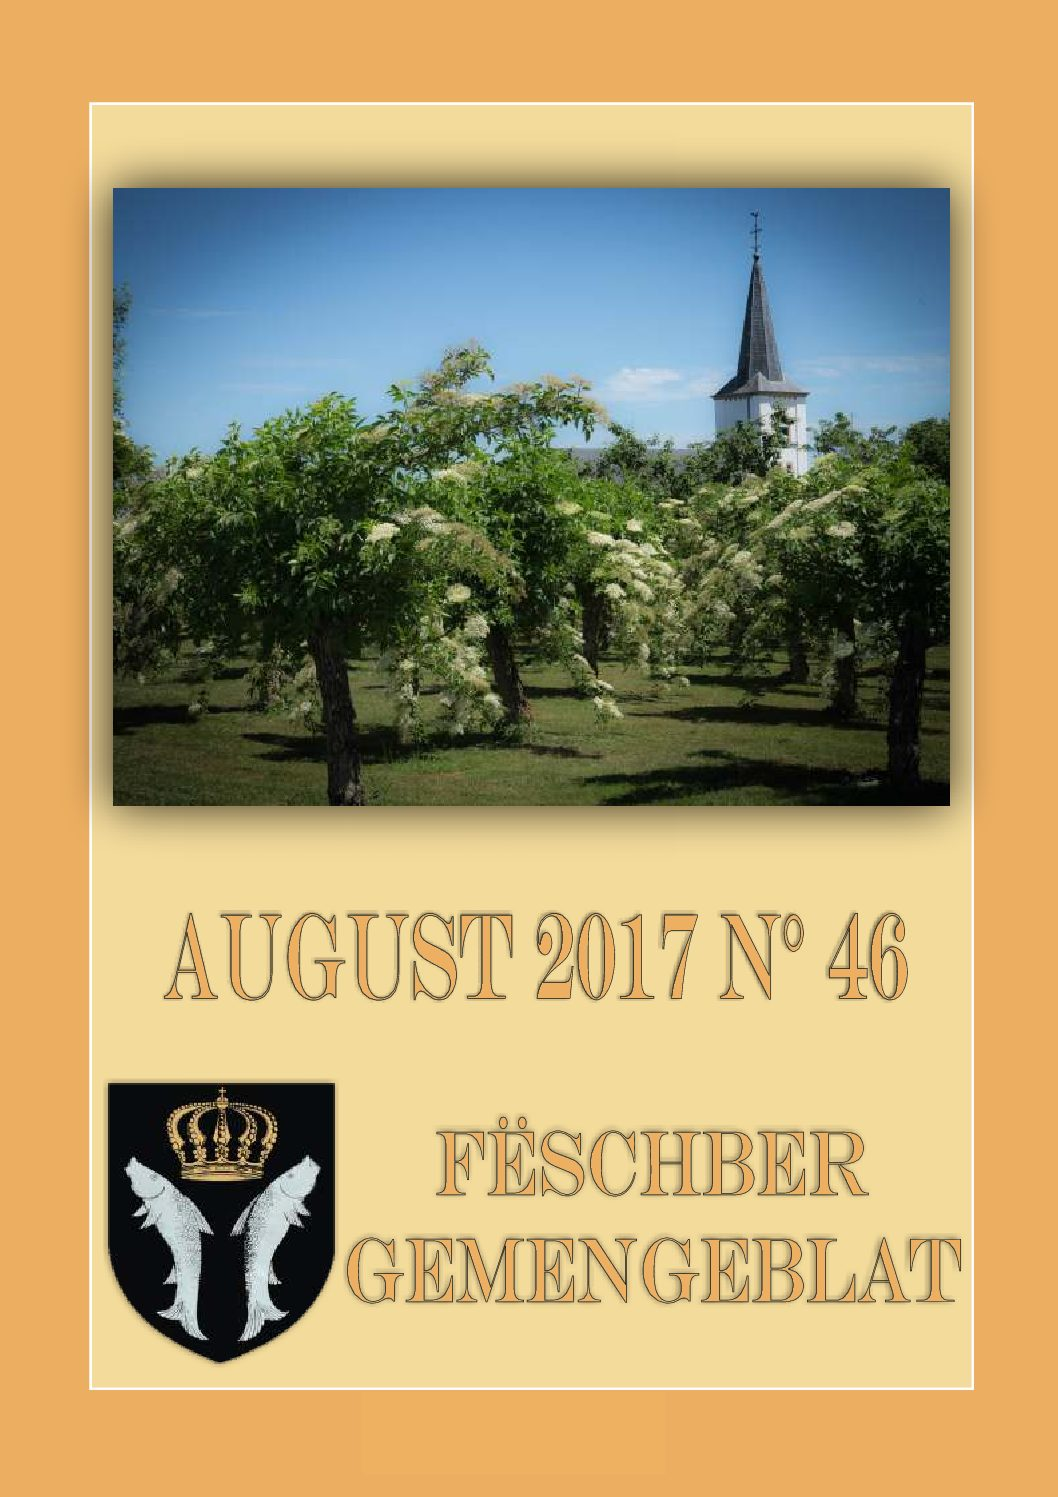 August 2017 Gemengeblat No. 46